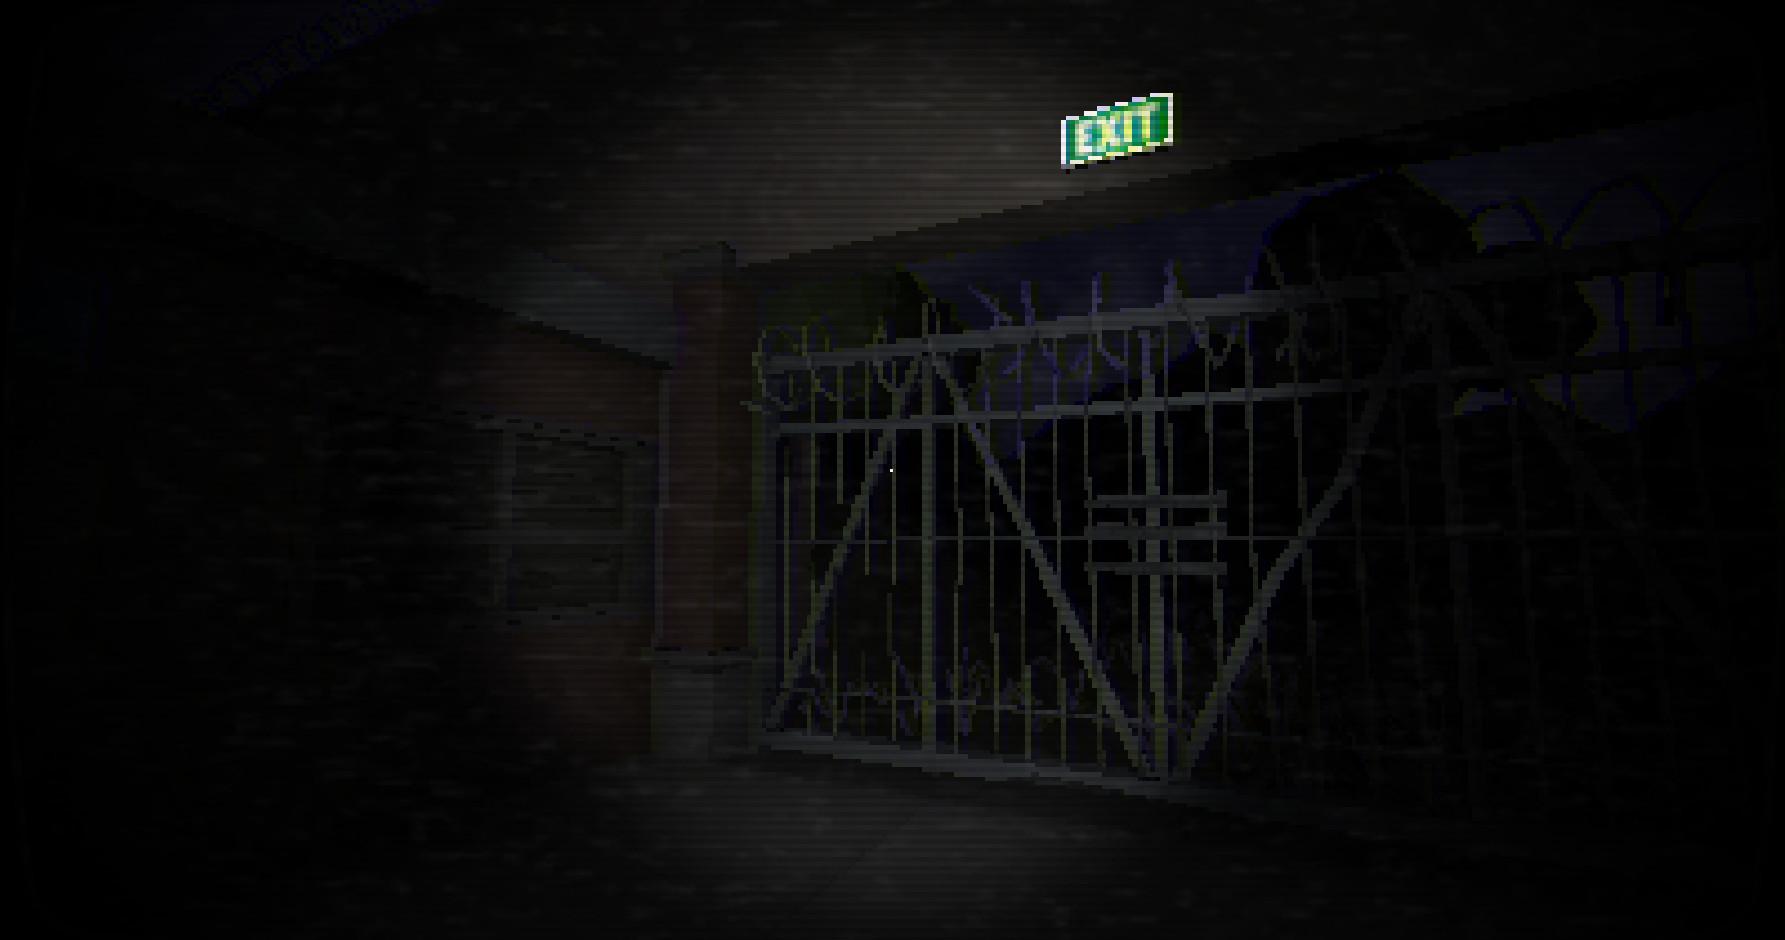 心理恐怖游戏《轻风语》上架Steam 2021年1月发售